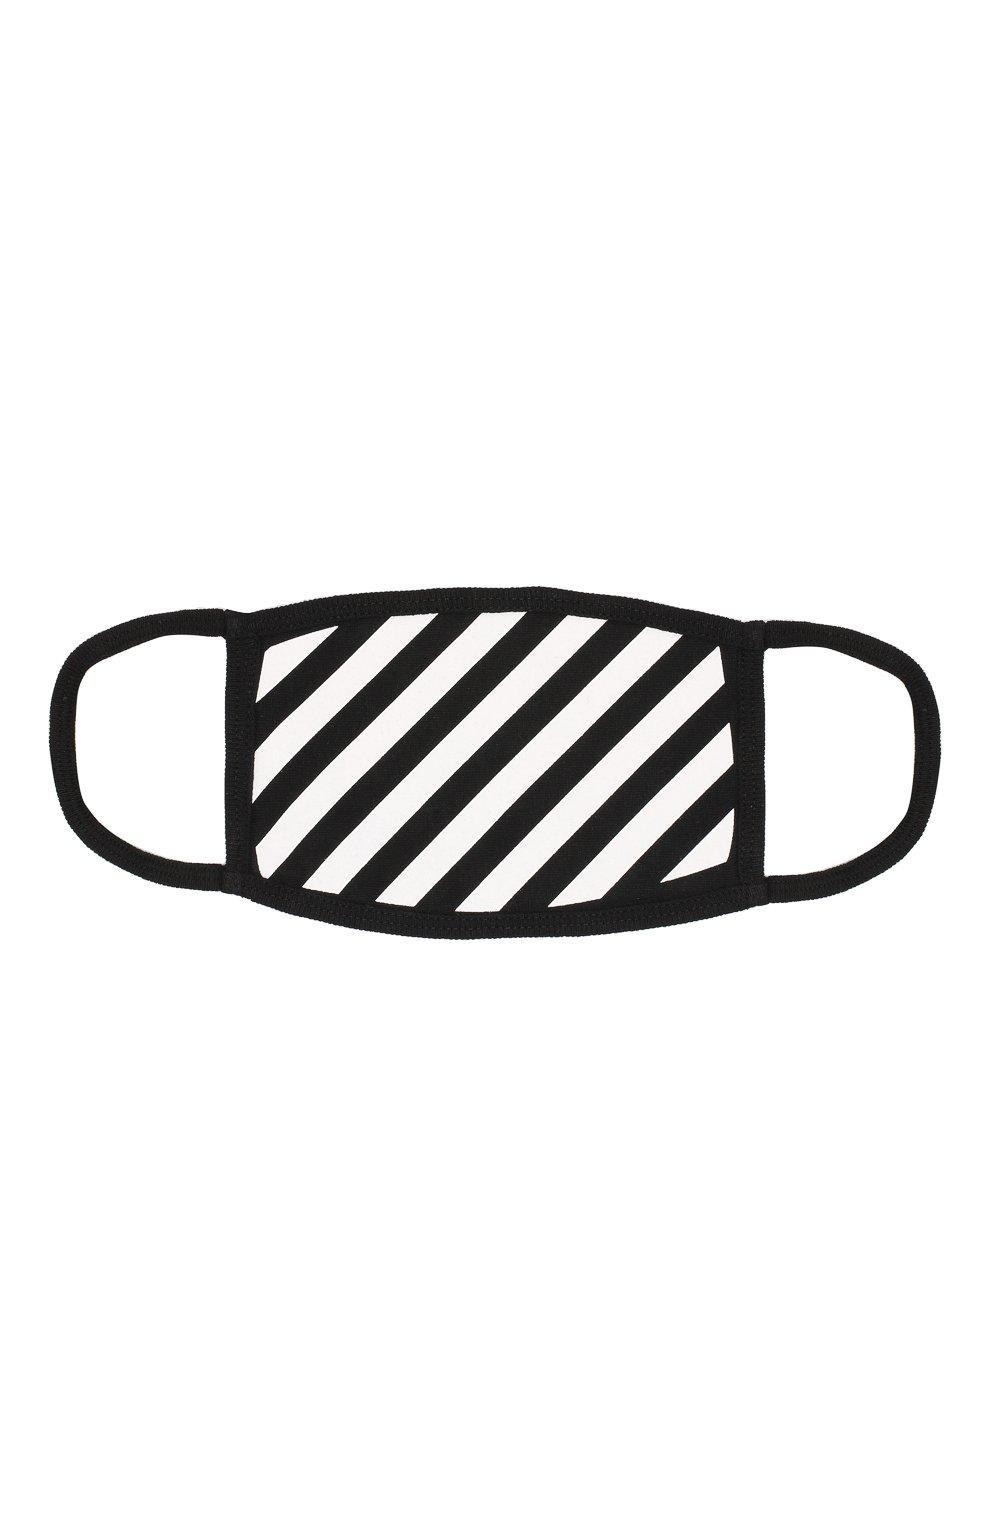 Мужская хлопковая маска для лица OFF-WHITE белого цвета, арт. 0MRG001E191850280110 | Фото 1